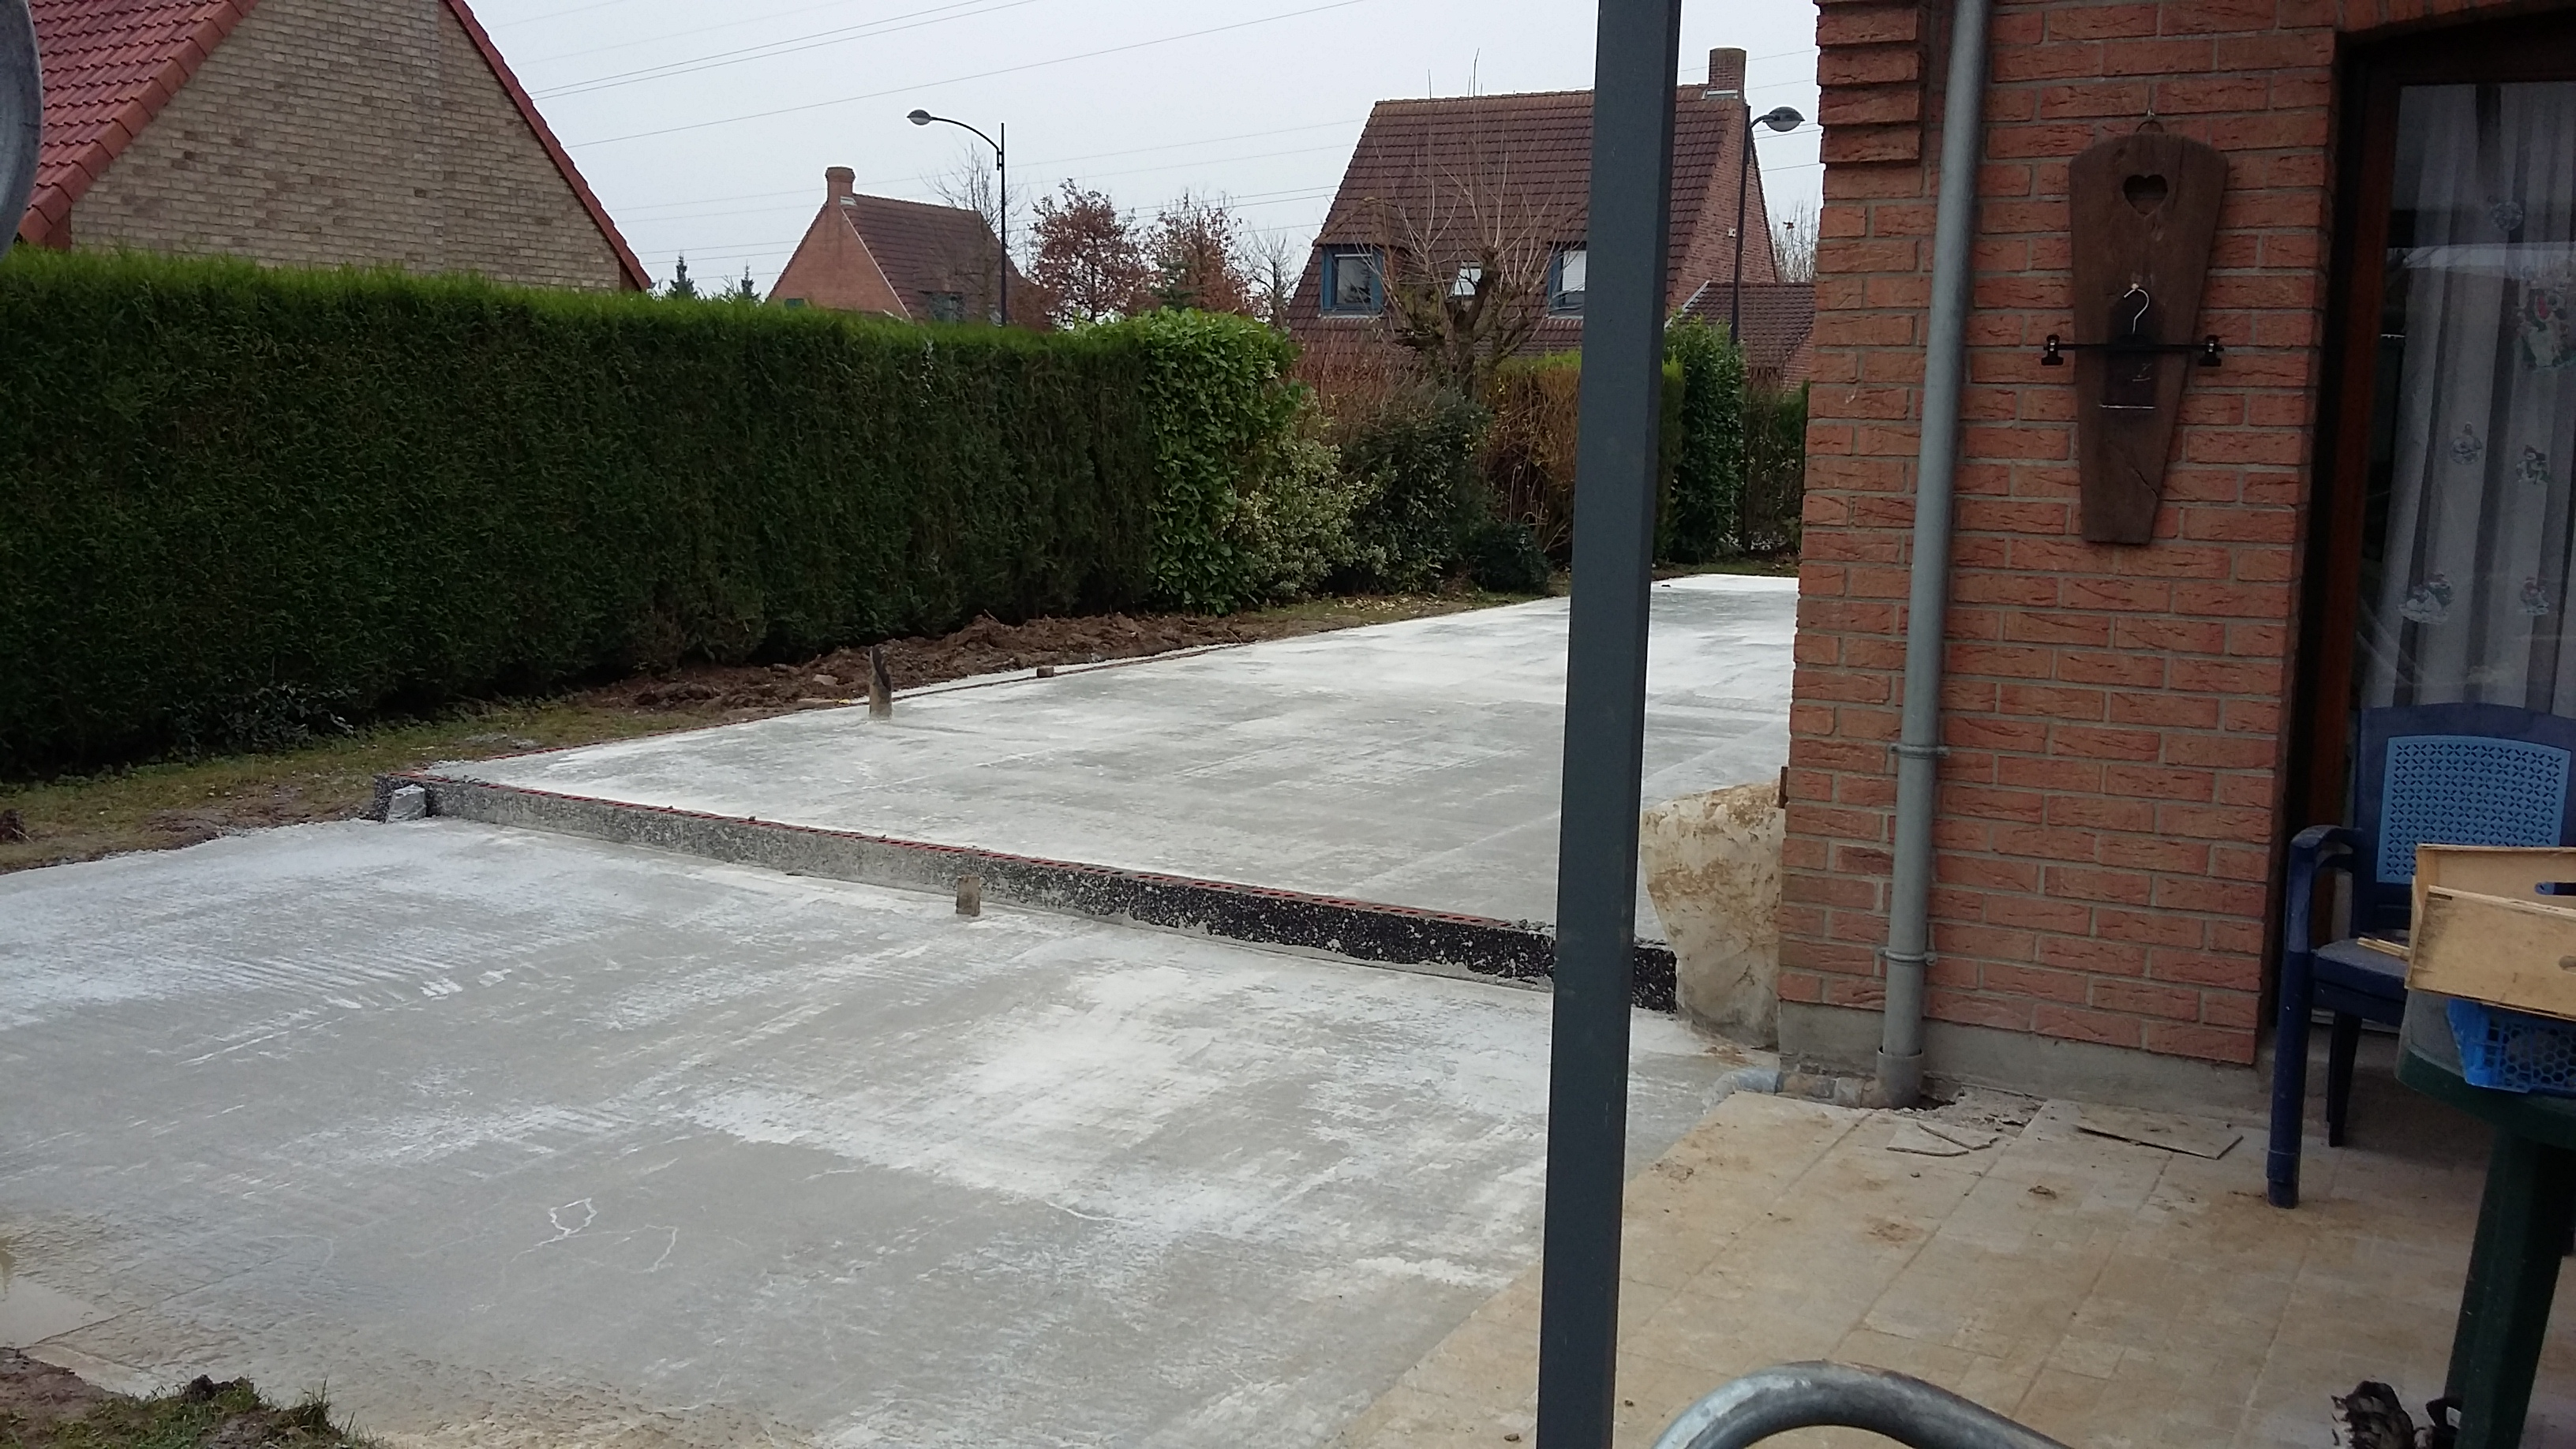 15.20 Atelier Permis de construire extension nord Sequedin36.3